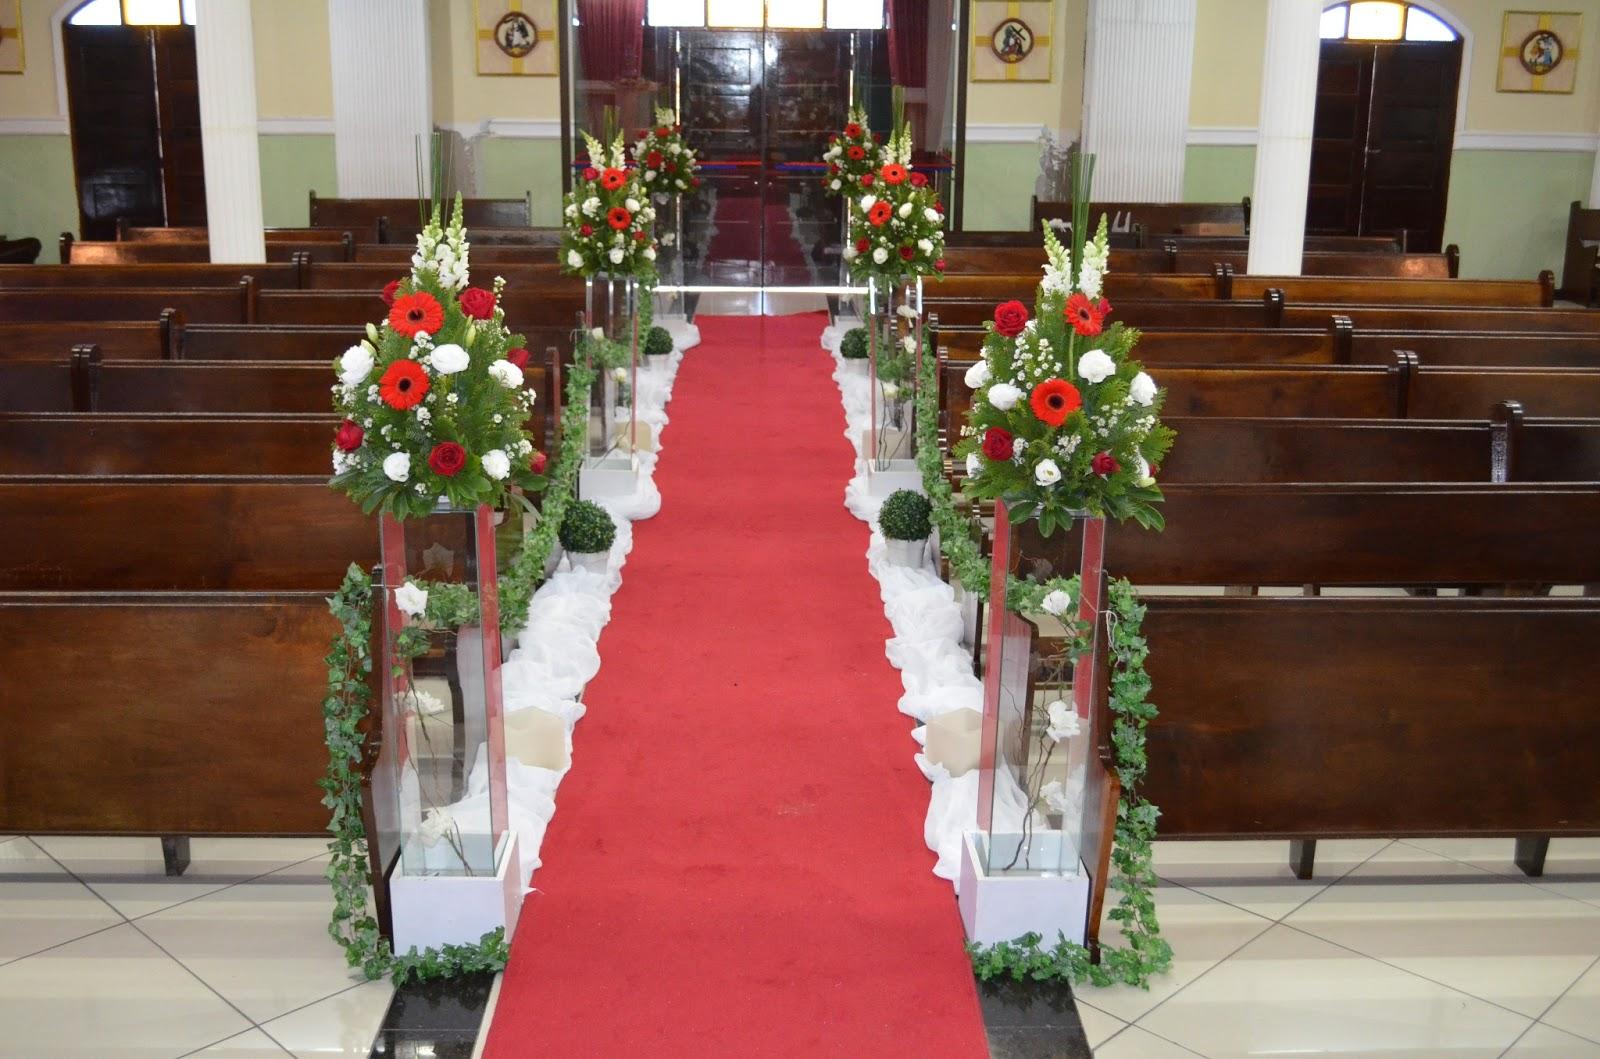 decoracao branca e vermelha casamento: Decorações: Decoração de casamento vermelha e branca 08/07/2013